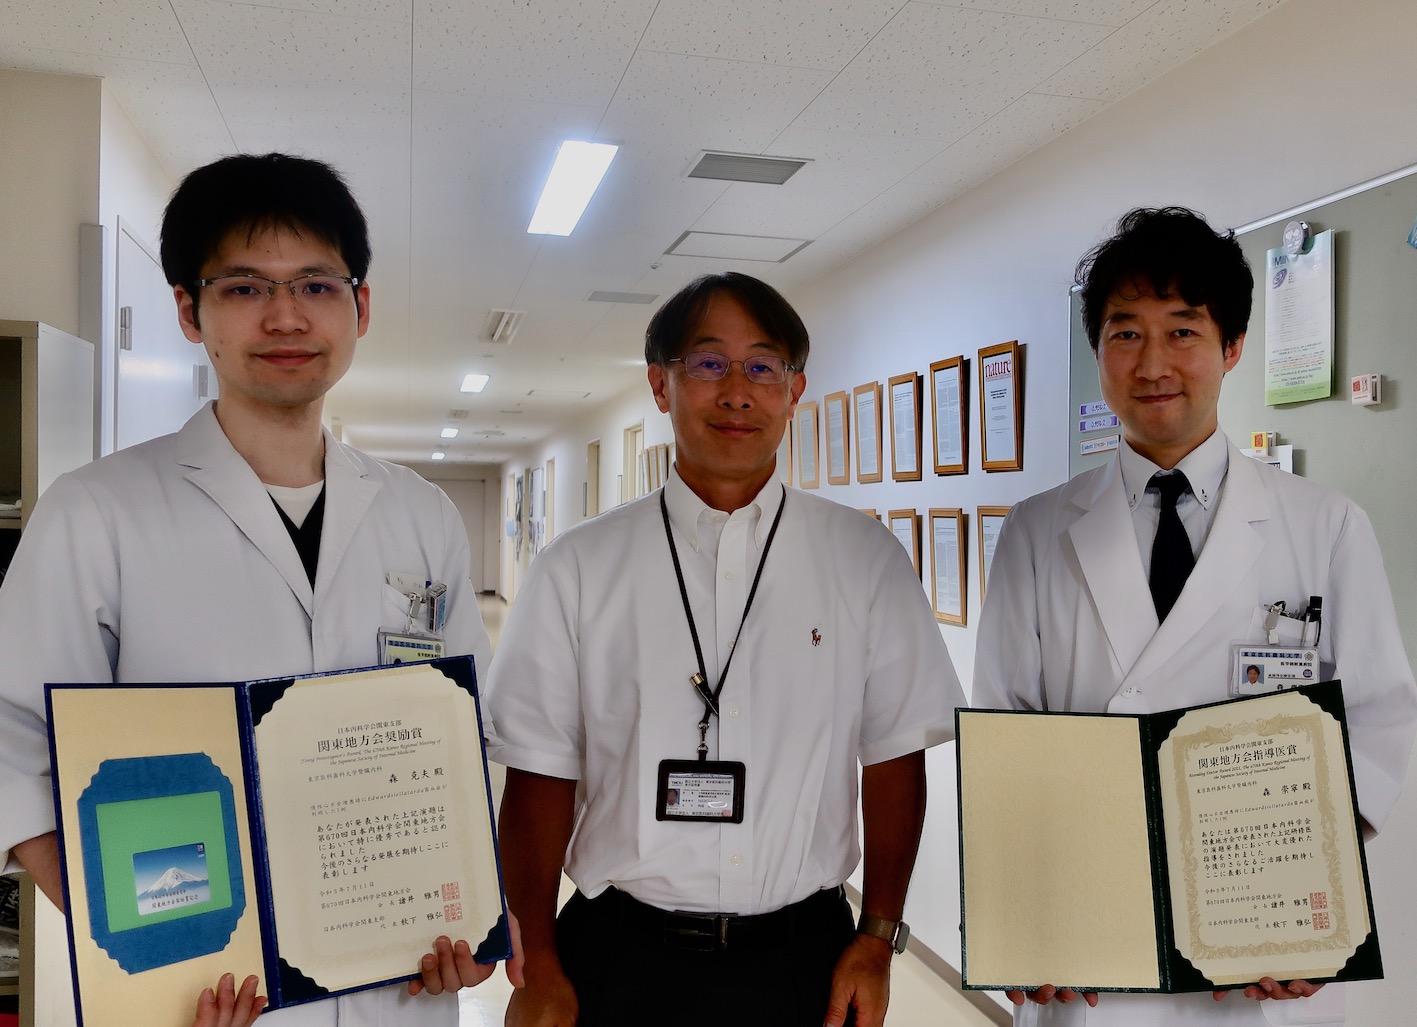 内科学会第670回関東地方会にて奨励賞と指導医賞を受賞